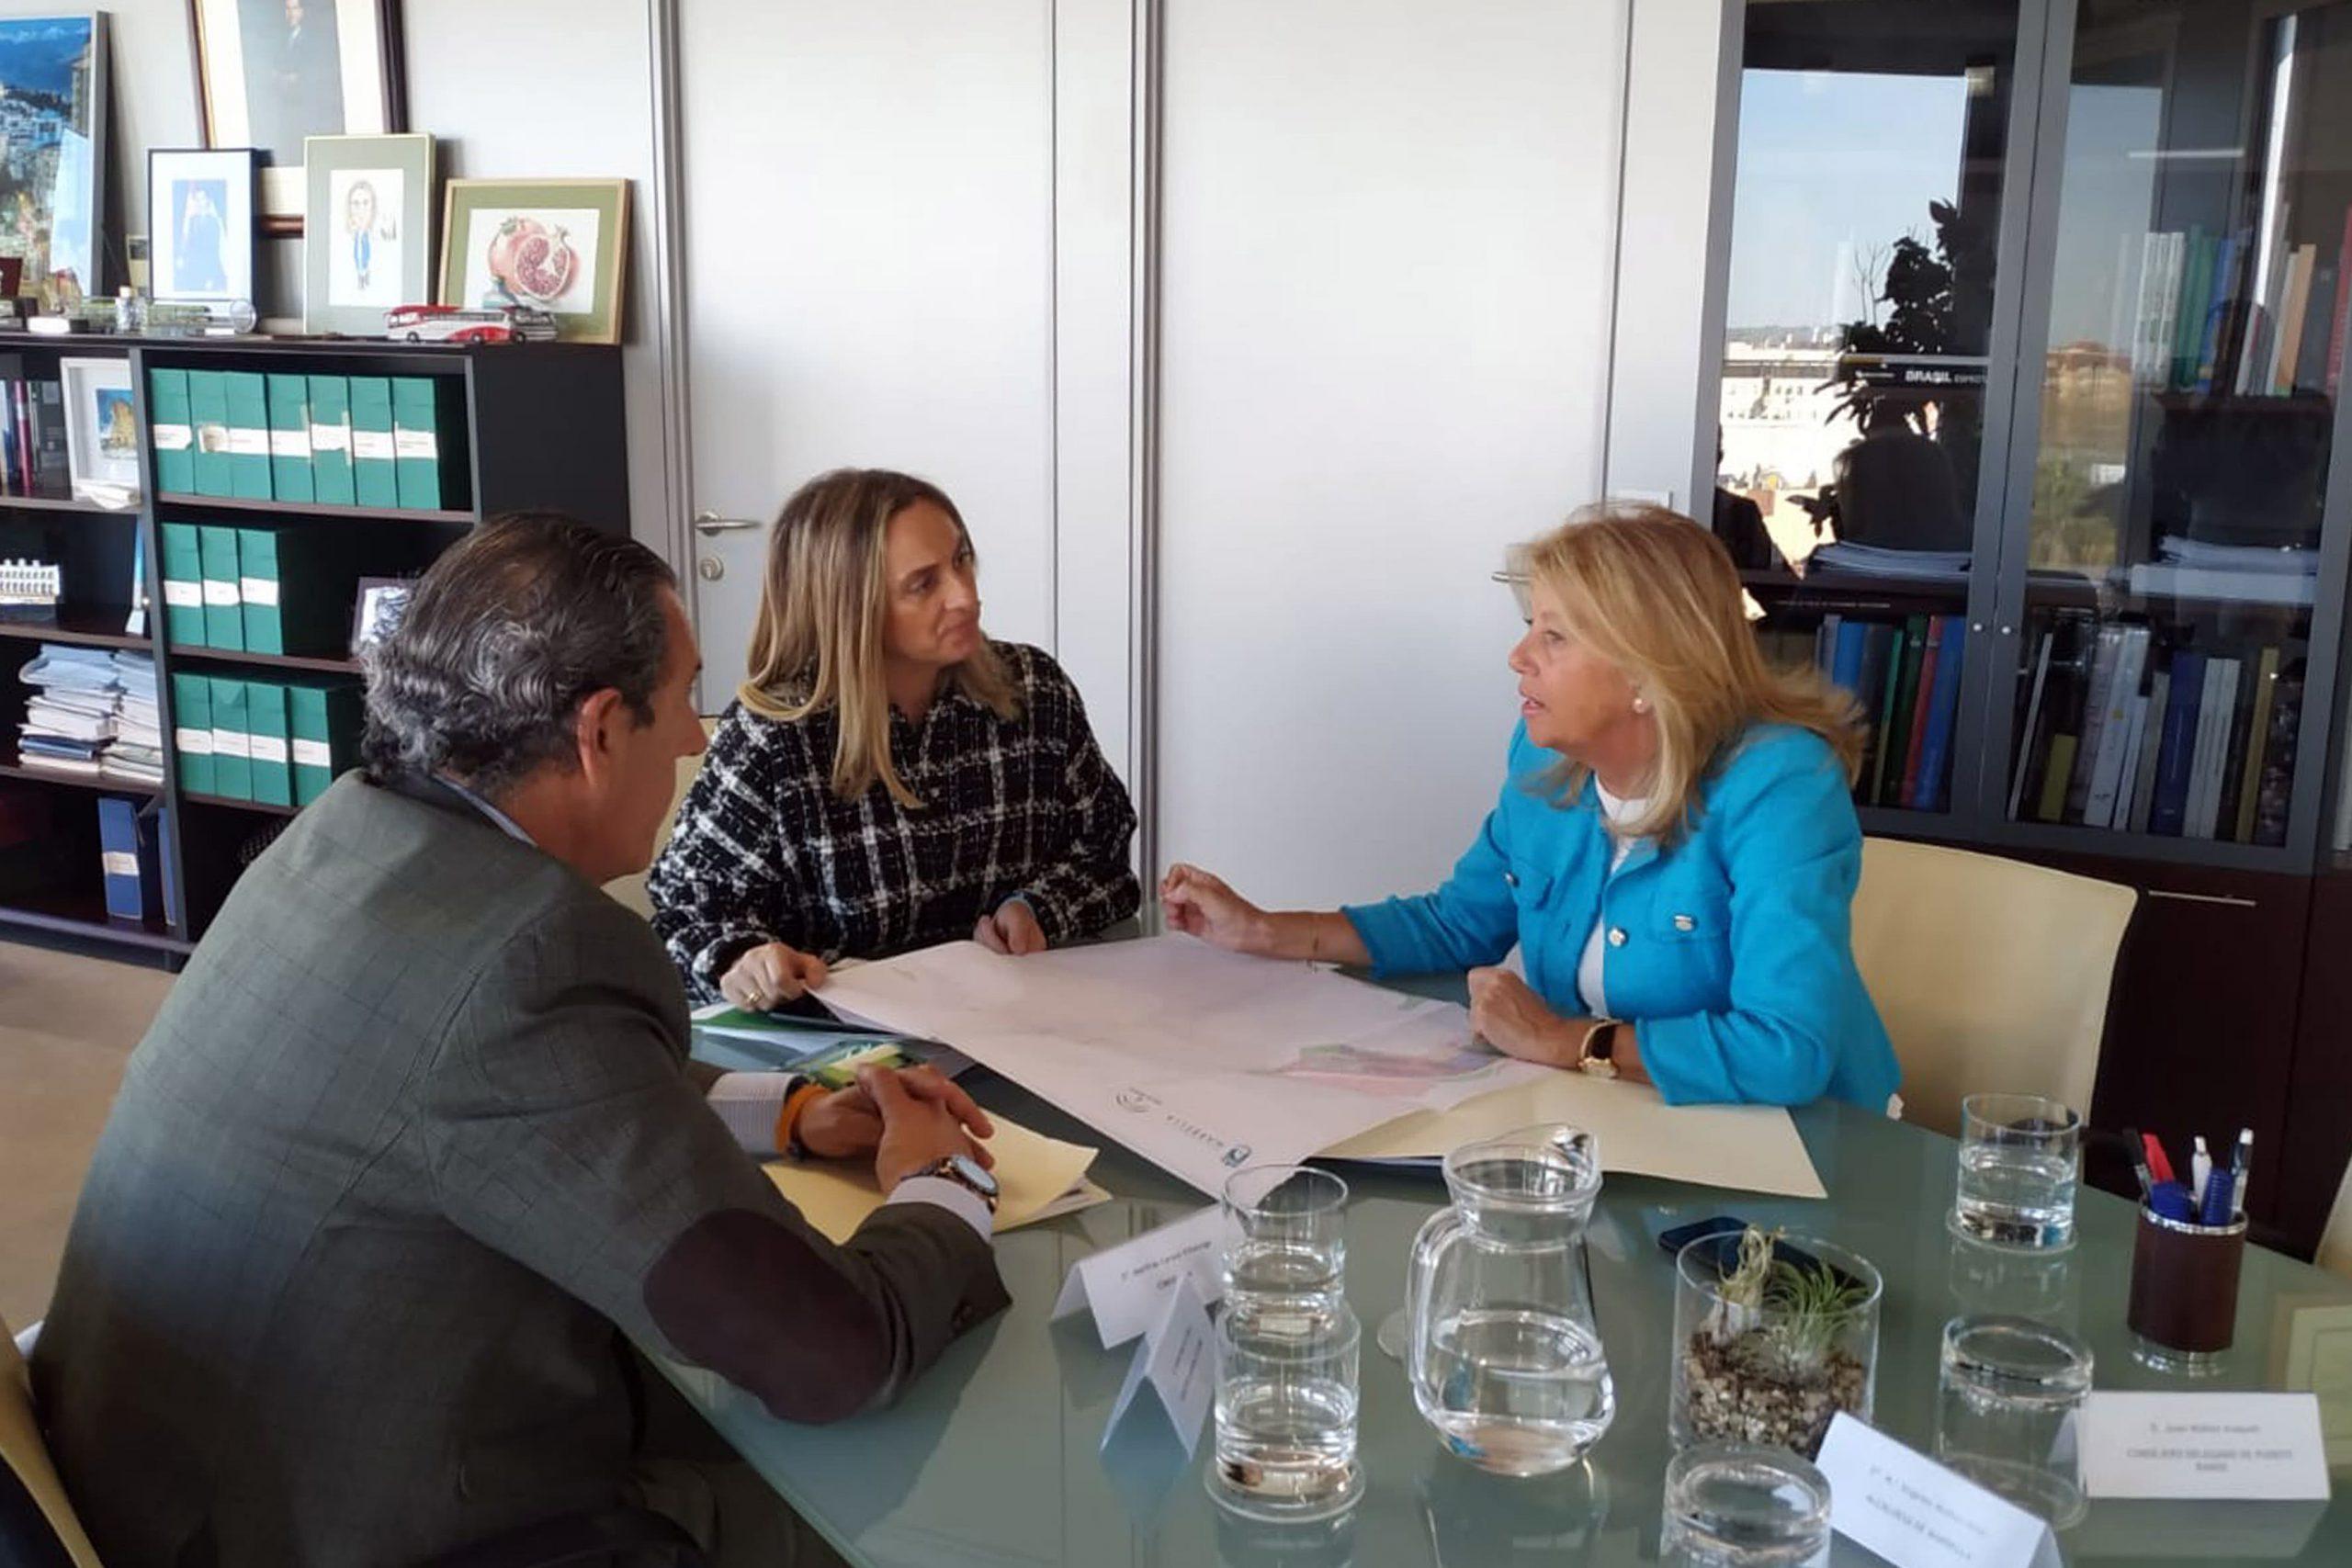 La alcaldesa ultima con la Junta un proyecto para abrir el Puerto de La Bajadilla a la ciudad